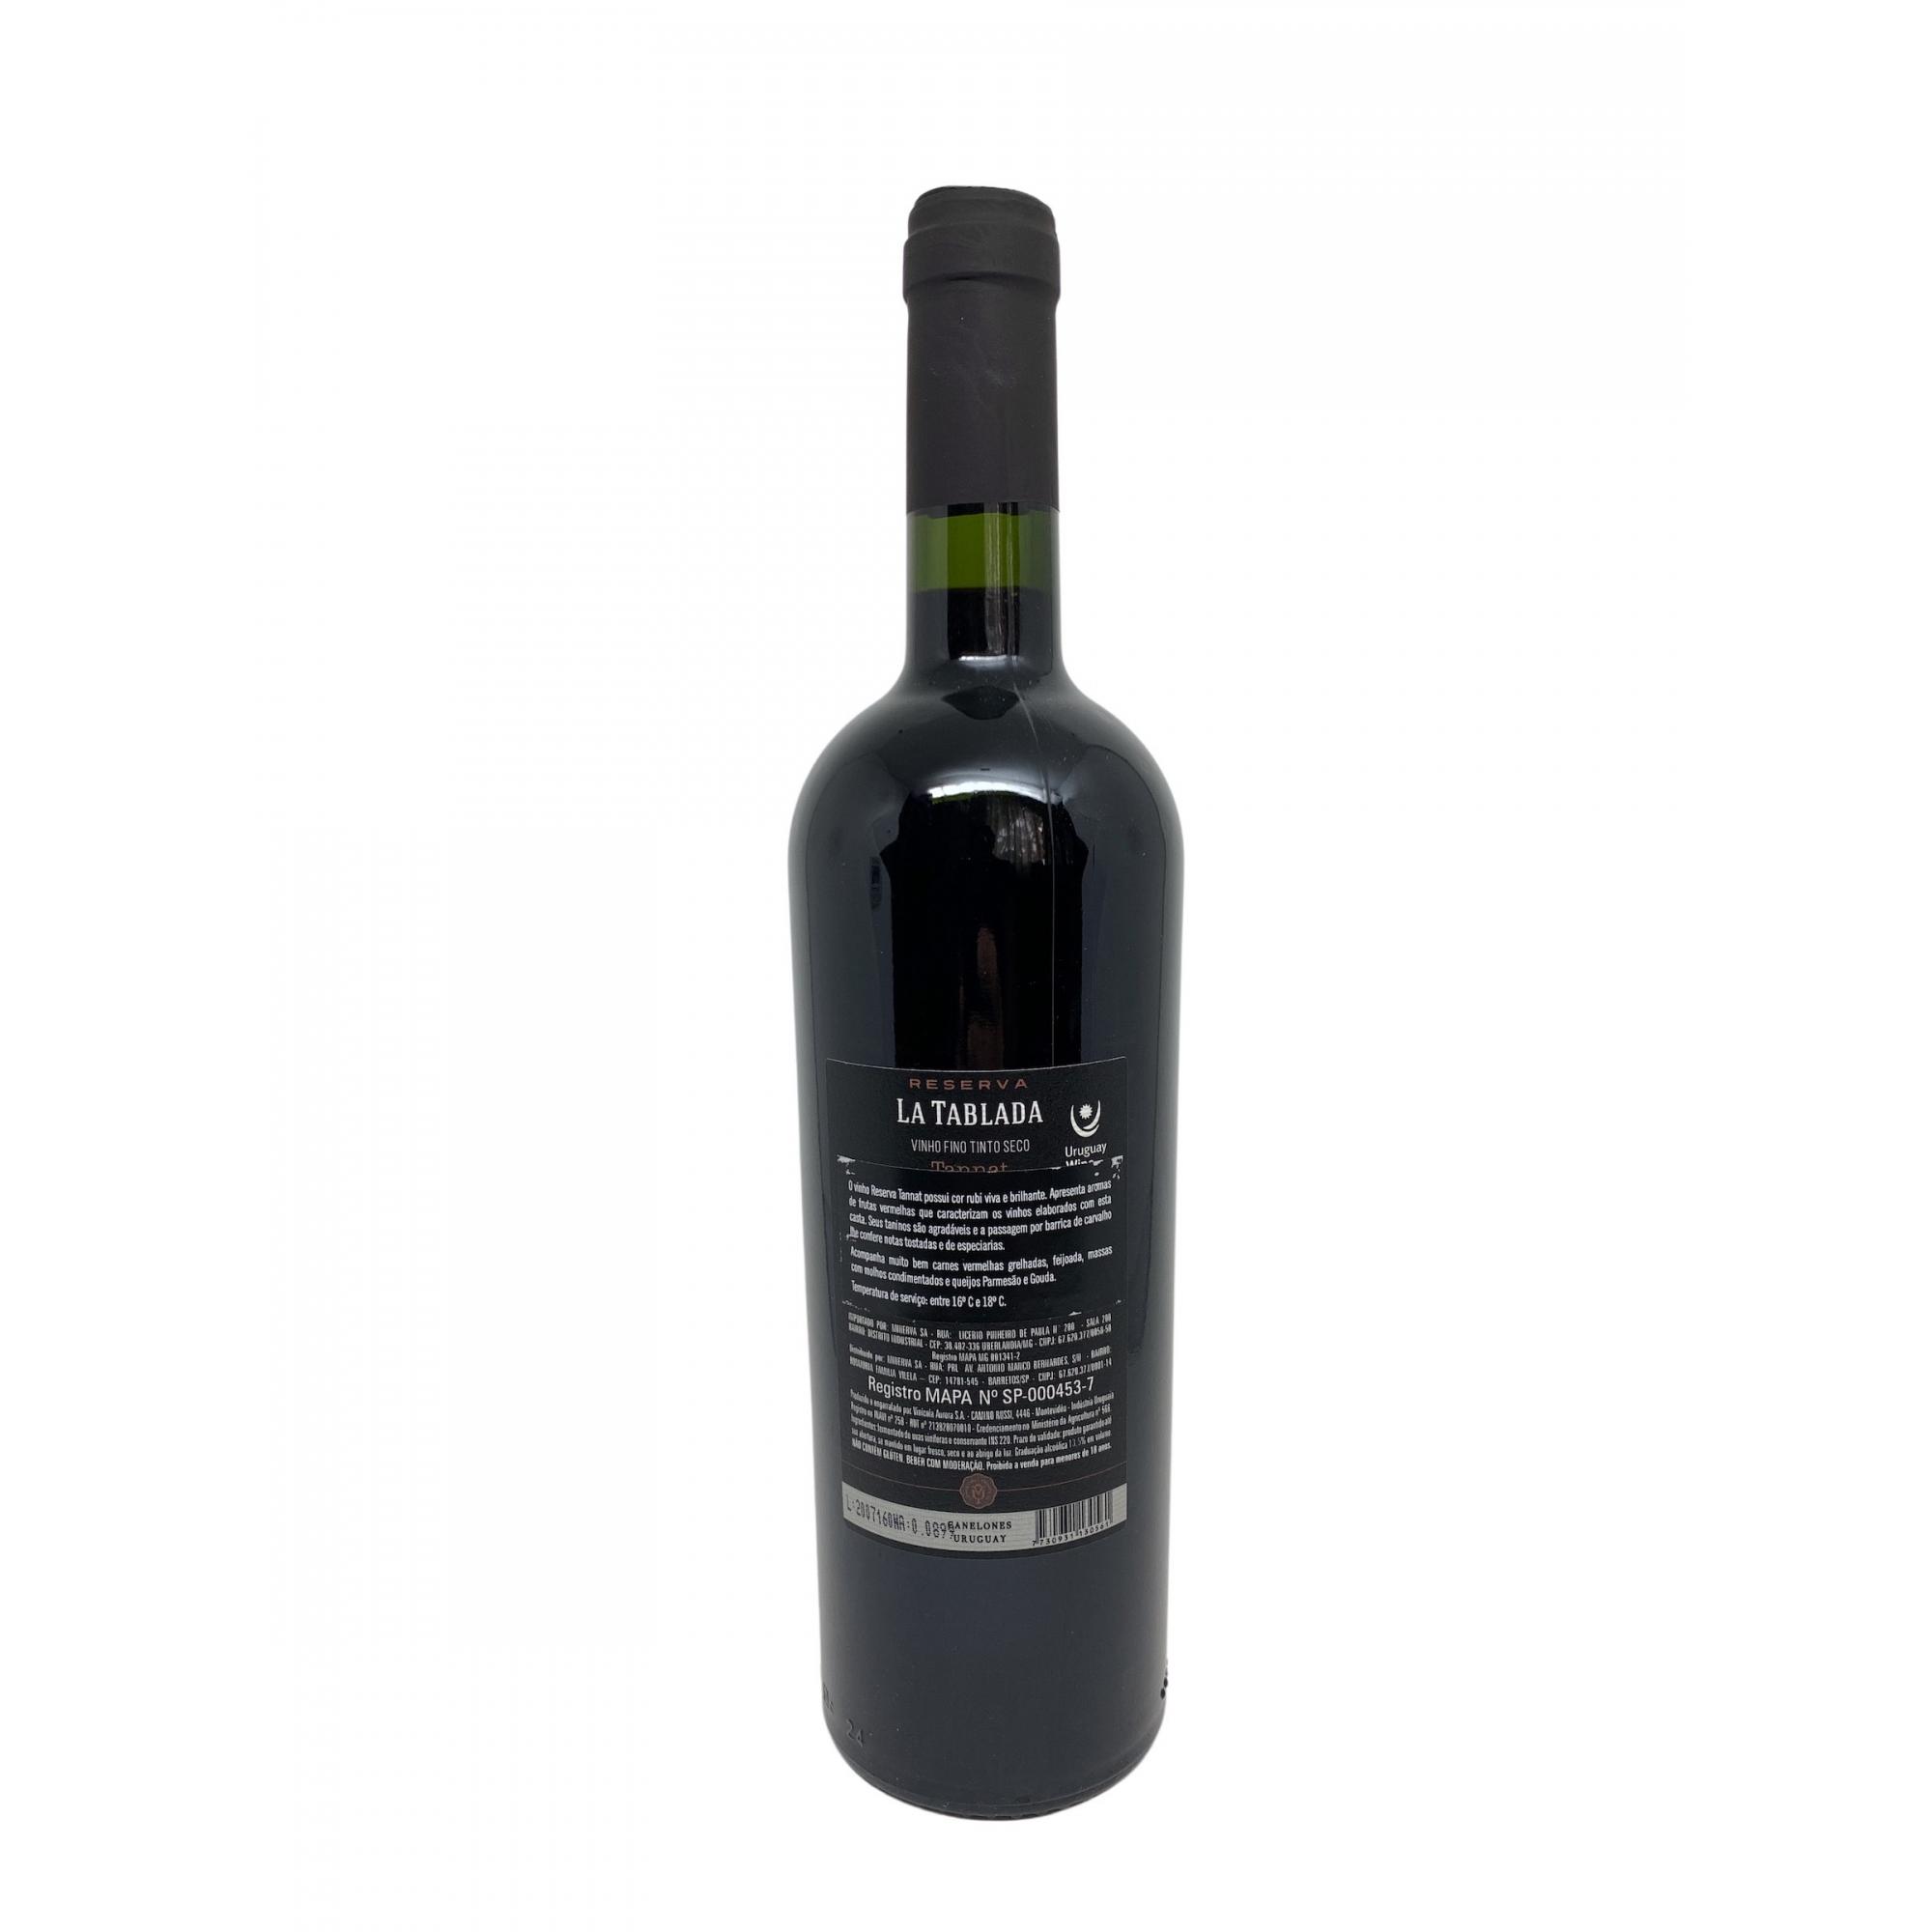 Vinho Tinto La Tablada Reserva Tannat 750mL  - ADEGA FARRET